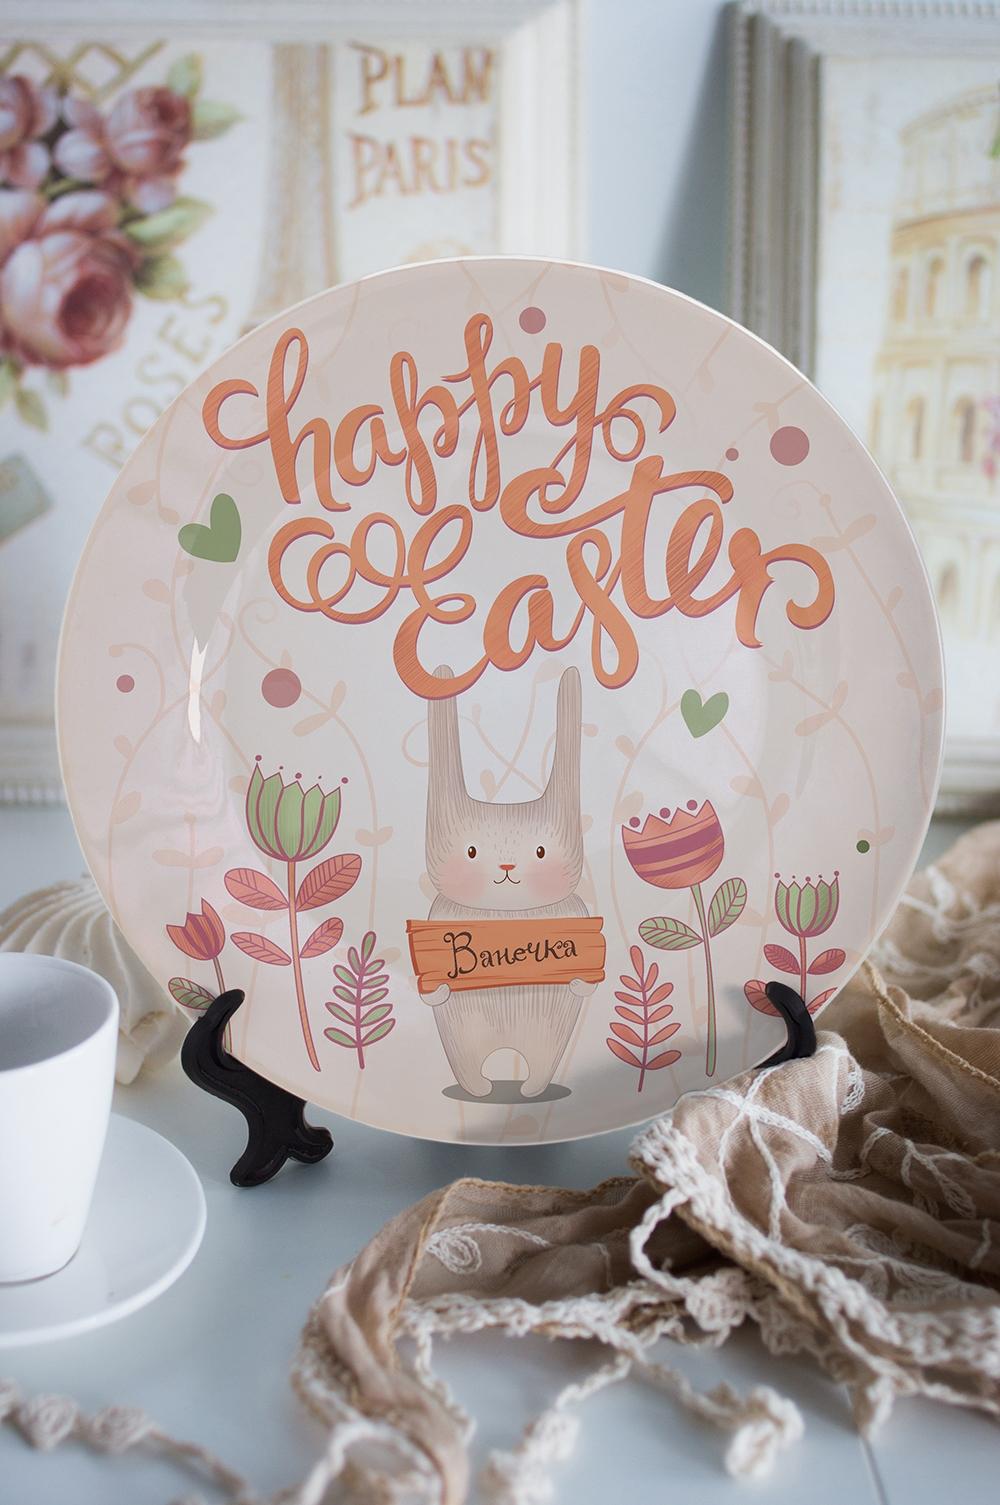 Тарелка декоративная с вашим текстом Happy EasterТарелки и пиалы<br>Подарите необыкновенный сувенир с индивидуальной надписью и именем – такая декоративная тарелка станет эксклюзивным украшением для интерьера и незабываемым подарком! Выберите понравившийся фон, впишите любимую фразу, имя получателя. Диаметр 20см<br>